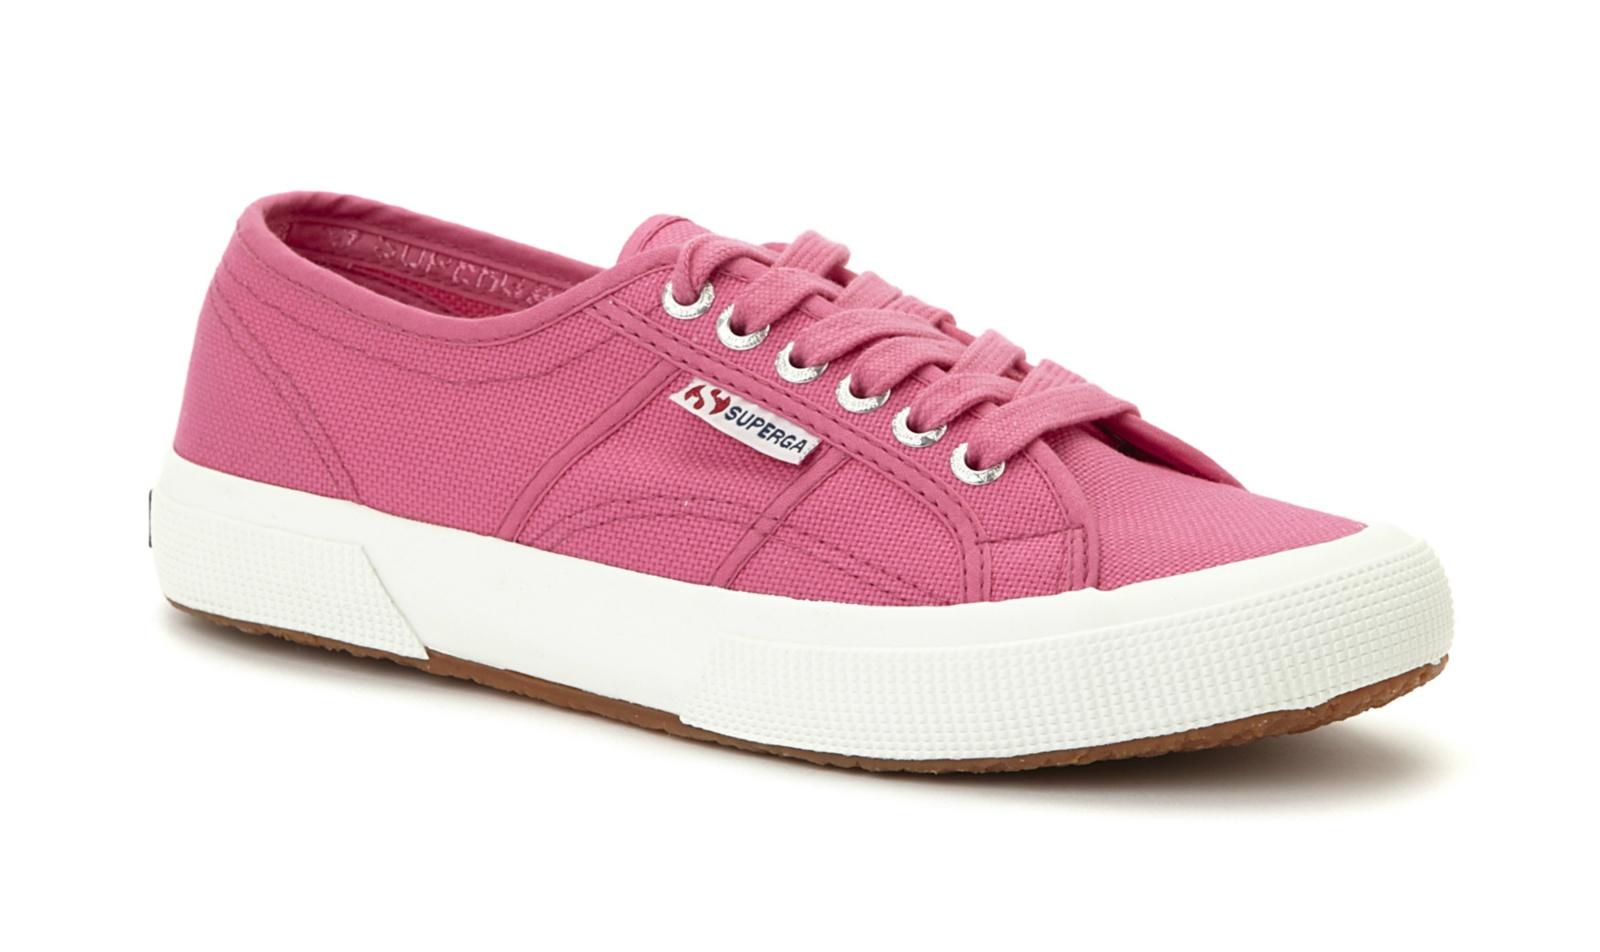 Superga Unisex 2750 Cotu Classic-Pink Canvas Trainers ...